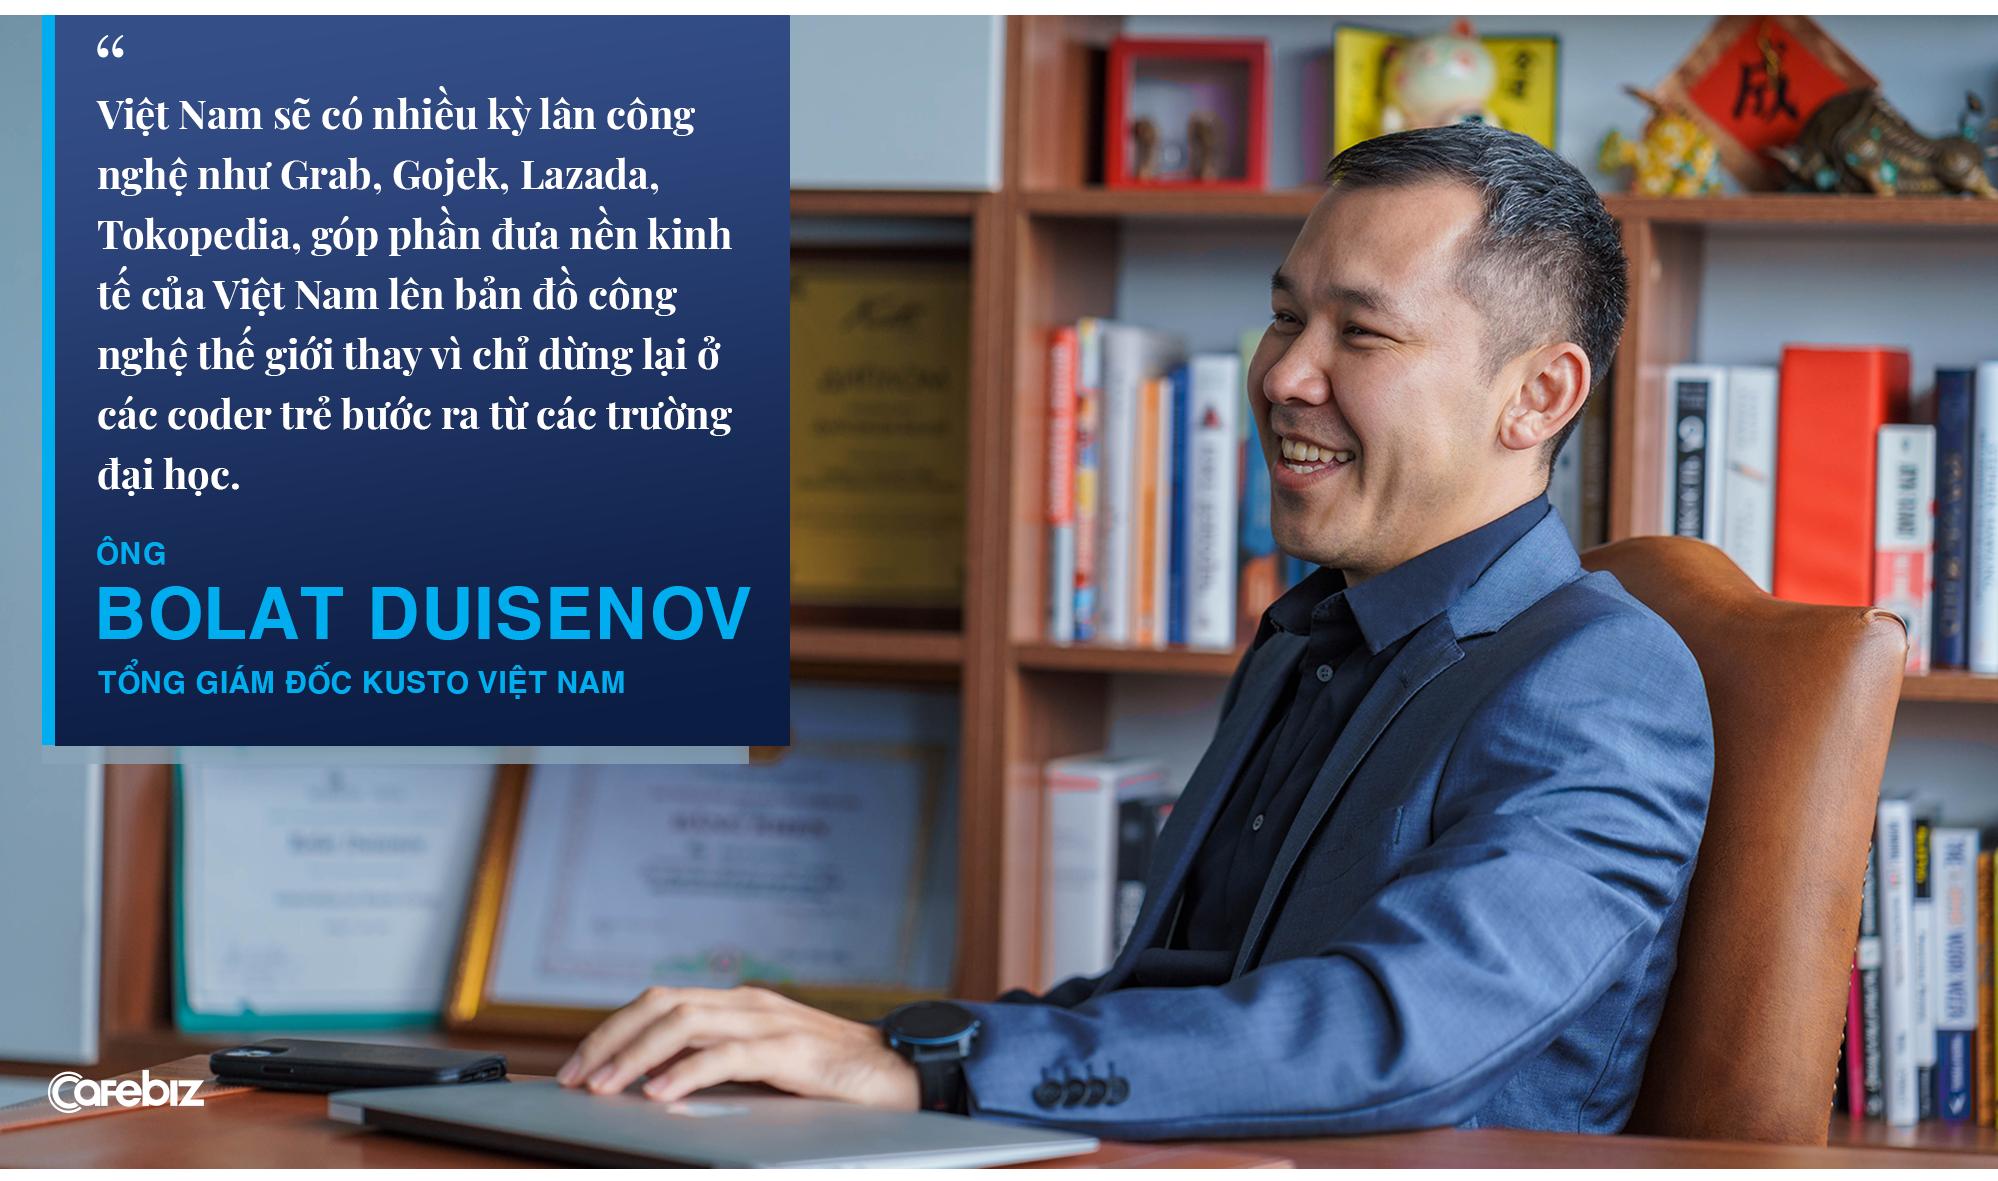 Tổng giám đốc Kusto Việt Nam: Khi bước đến đỉnh cao, người ta không muốn nhấc chân đi tiếp nữa - Ảnh 9.